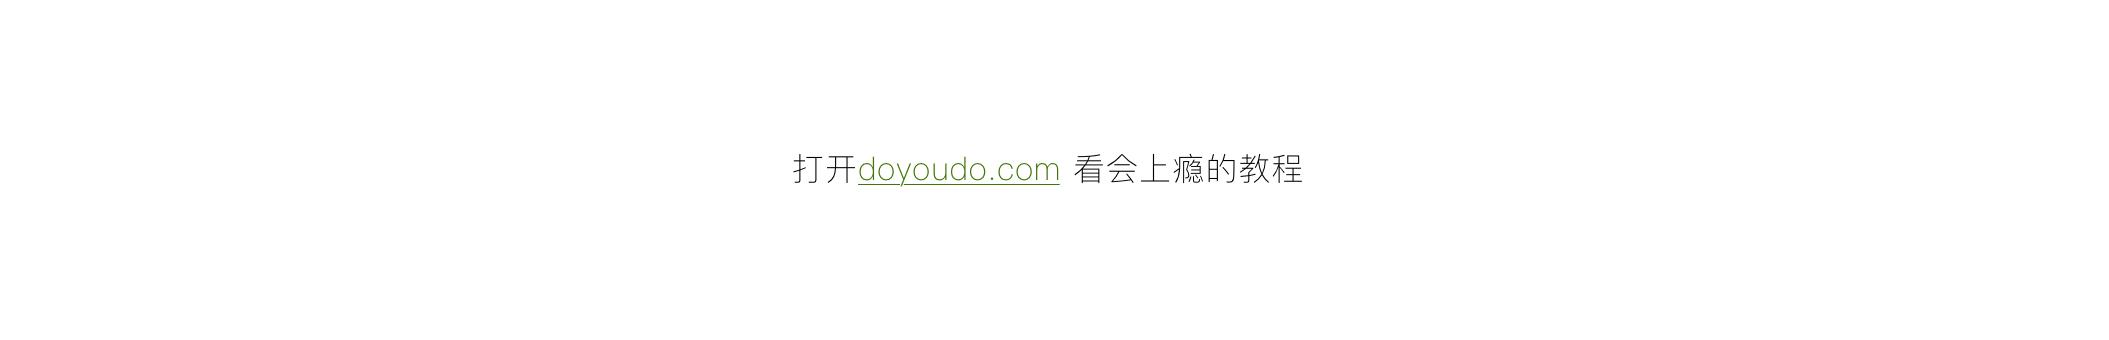 doyoudo团队 banner